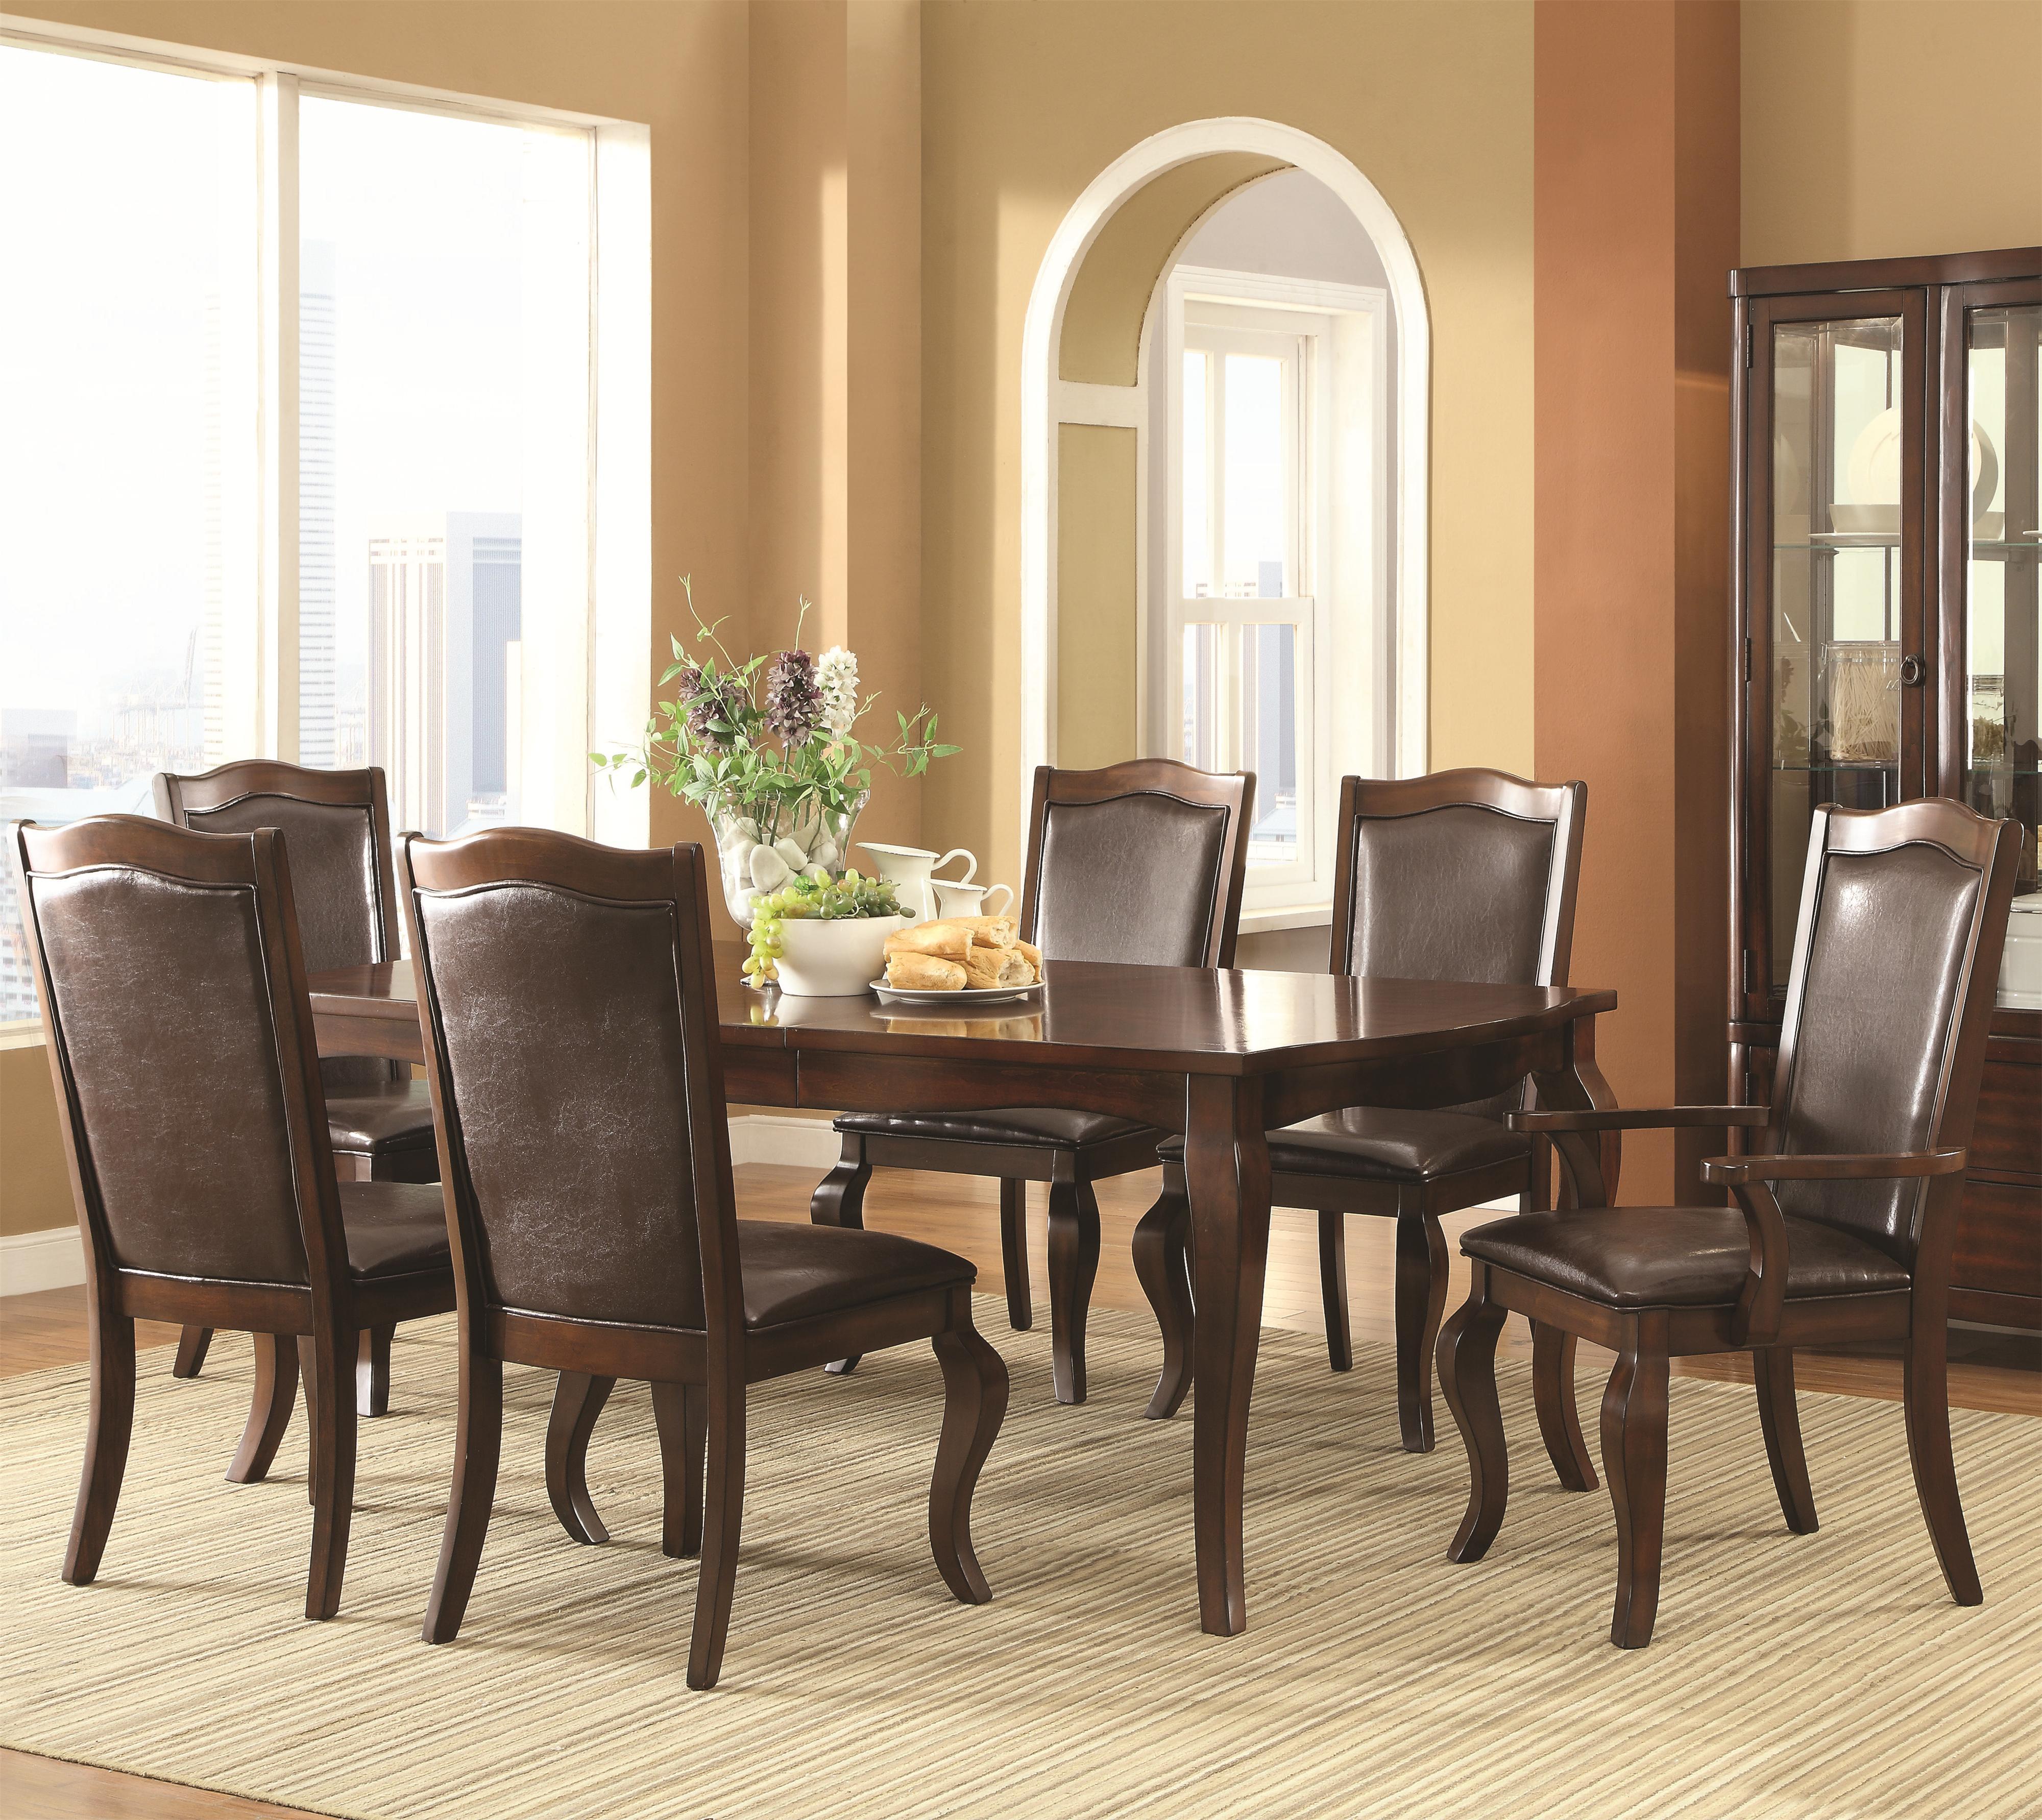 Coaster Louanna 7 Piece Dining Set - Item Number: 104841+2x43+4x42